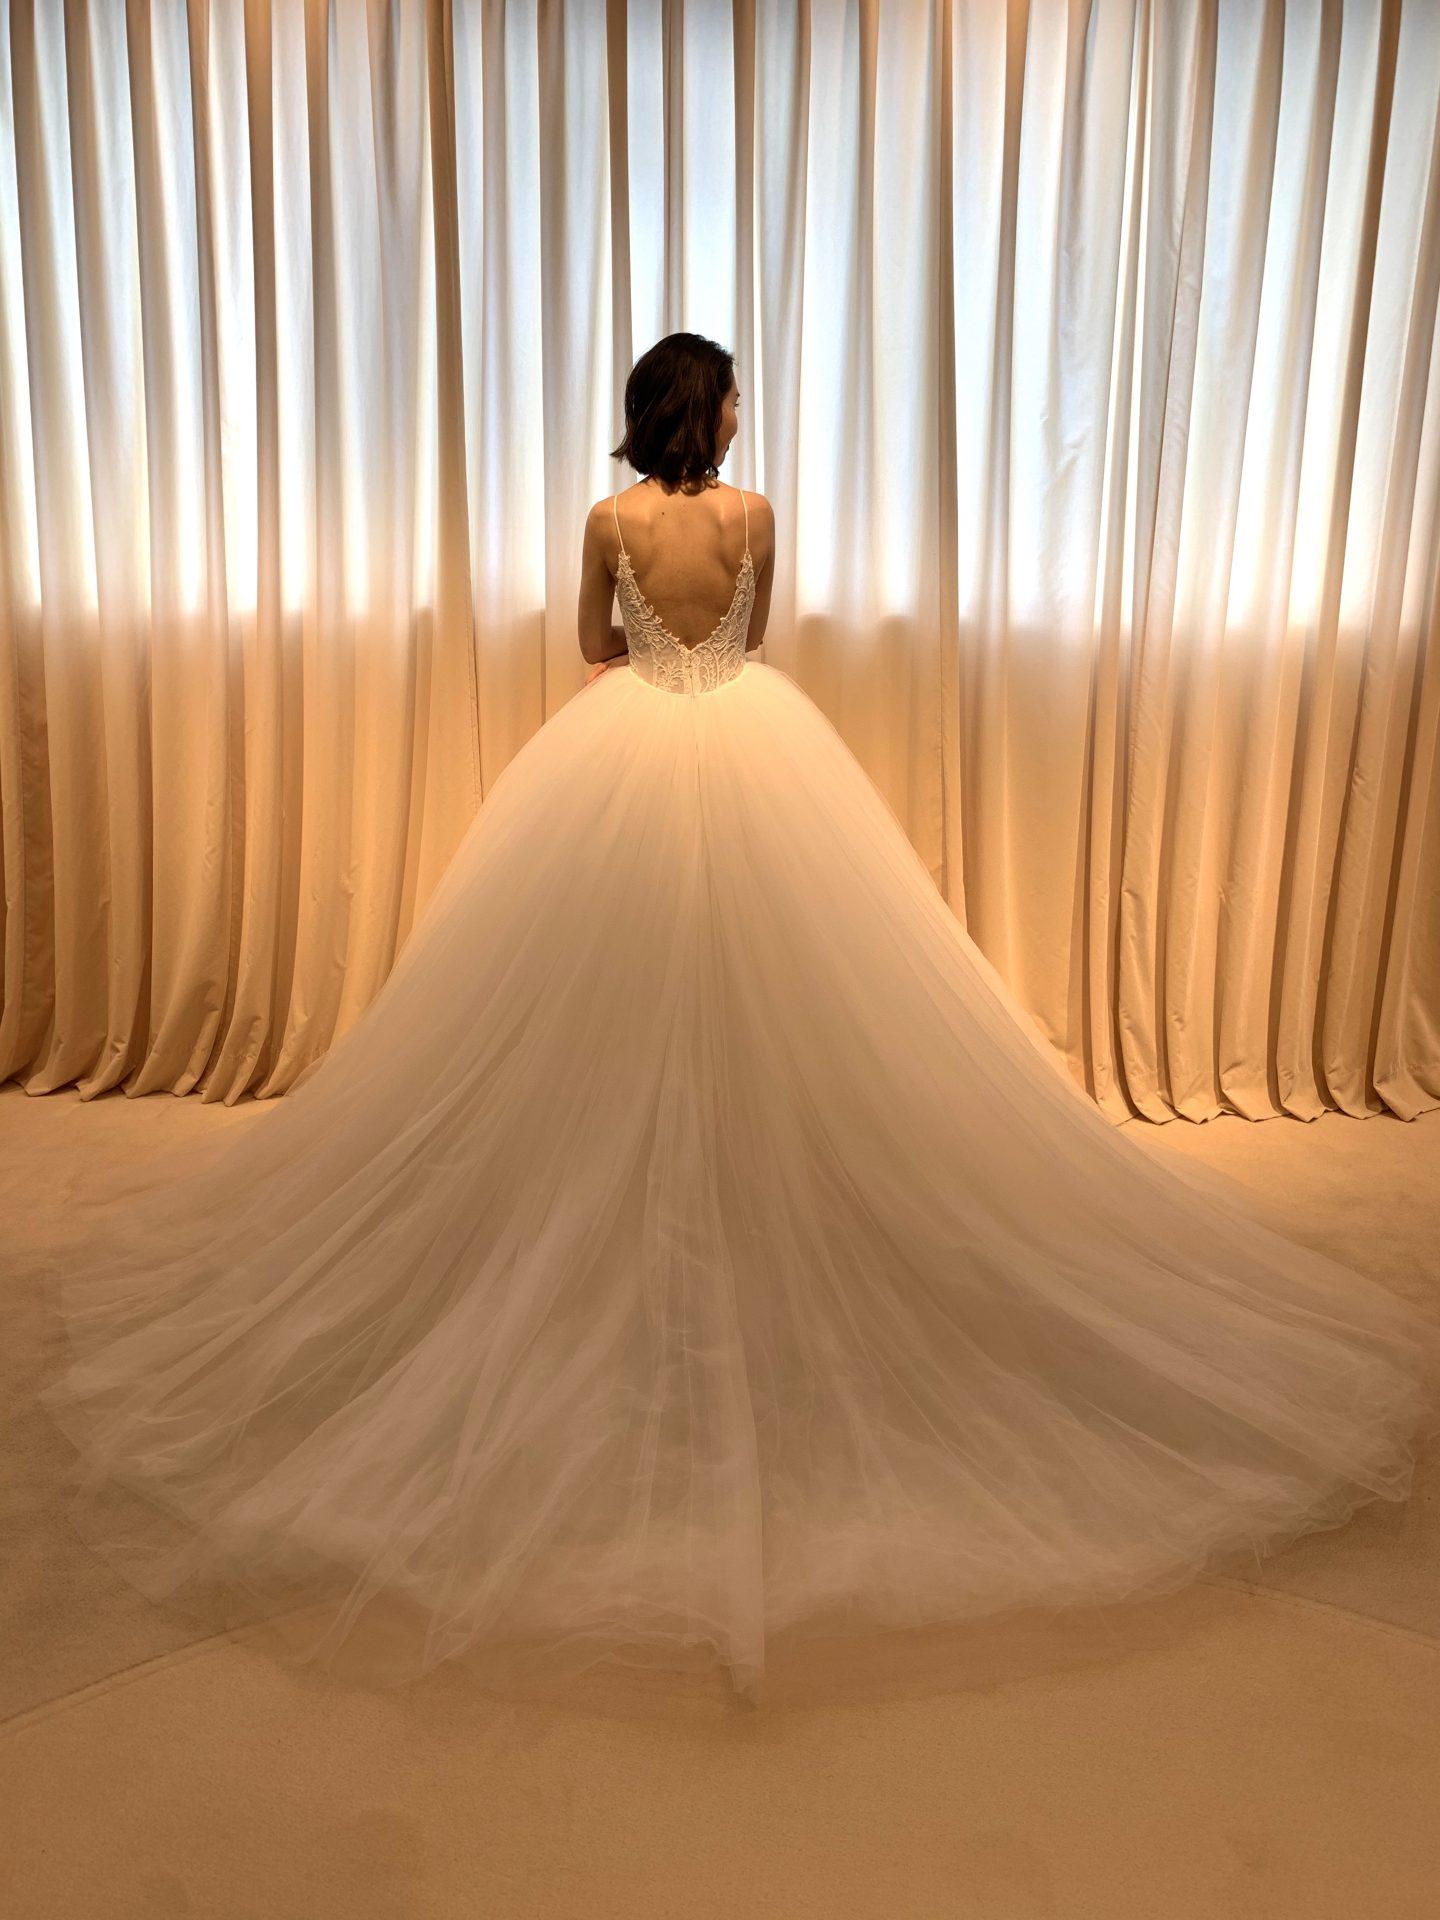 フォーチュンガーデン京都でお式を挙げられる花嫁様にご紹介したいバックスタイルが絵にな透明感のあるボリュームラインのウェディングドレス